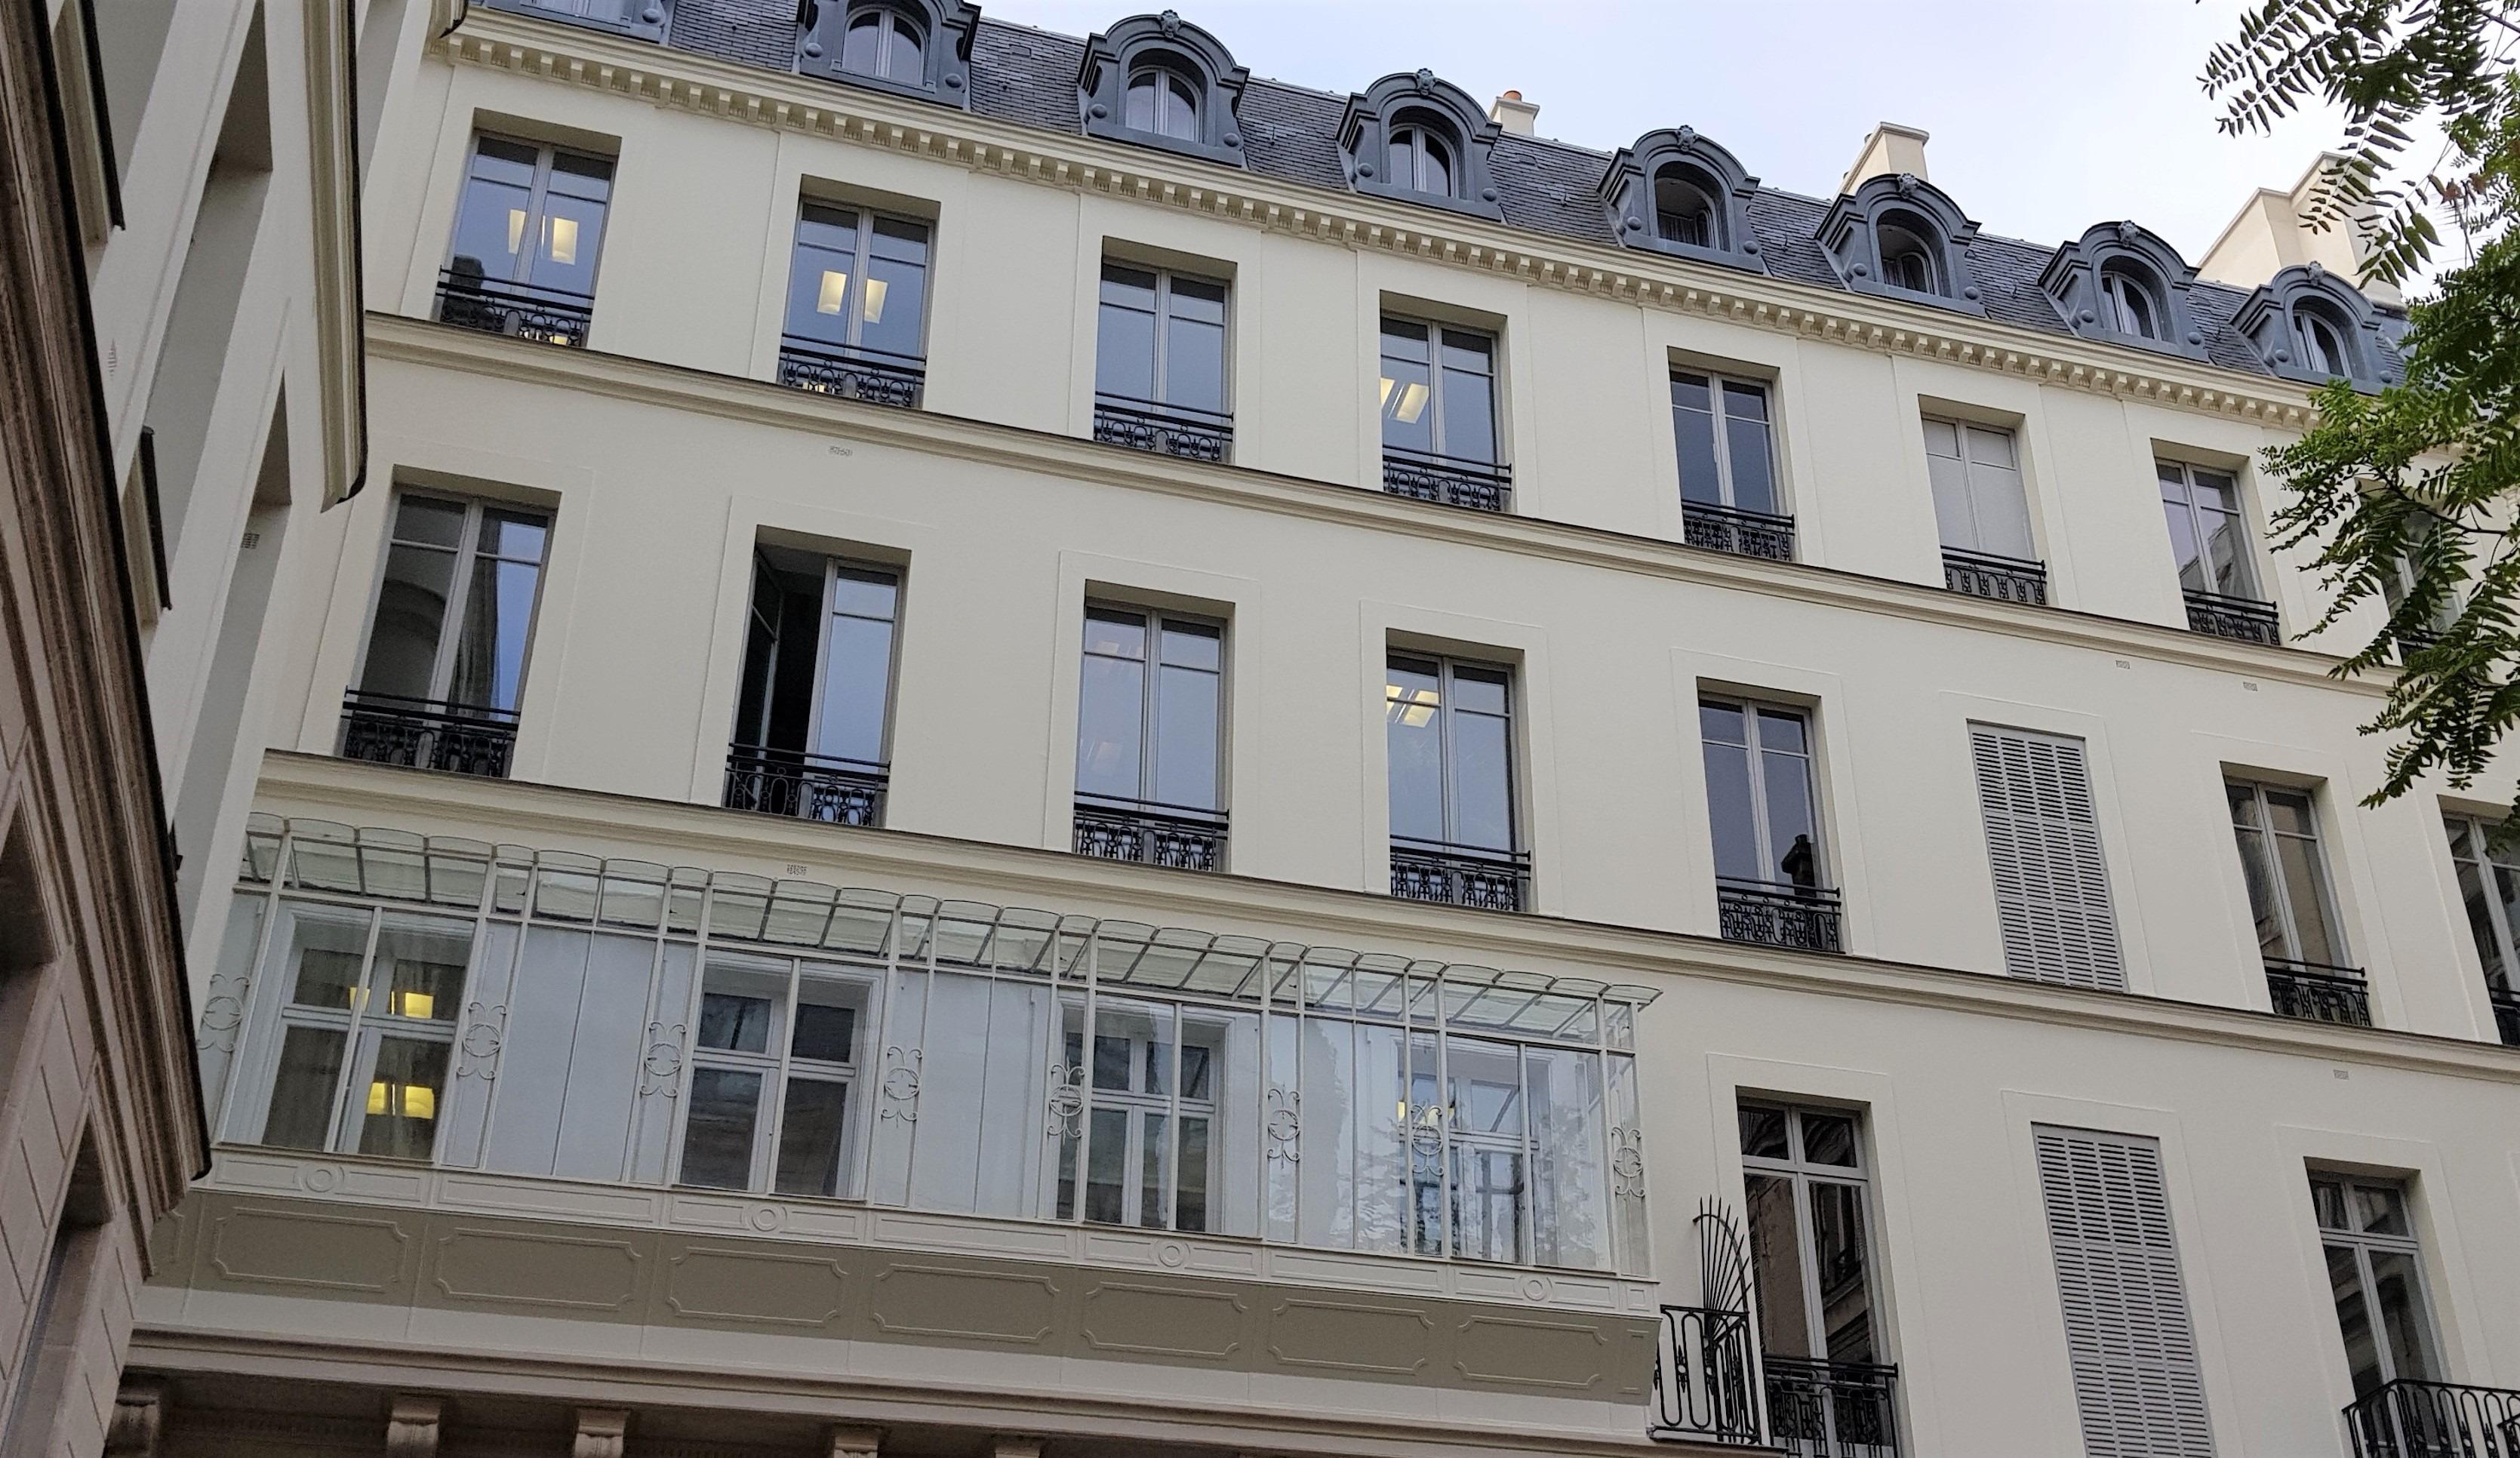 Ravalement De Facade Enduit 148 Boulevard Haussmann Paris 8e 75 Peinteco